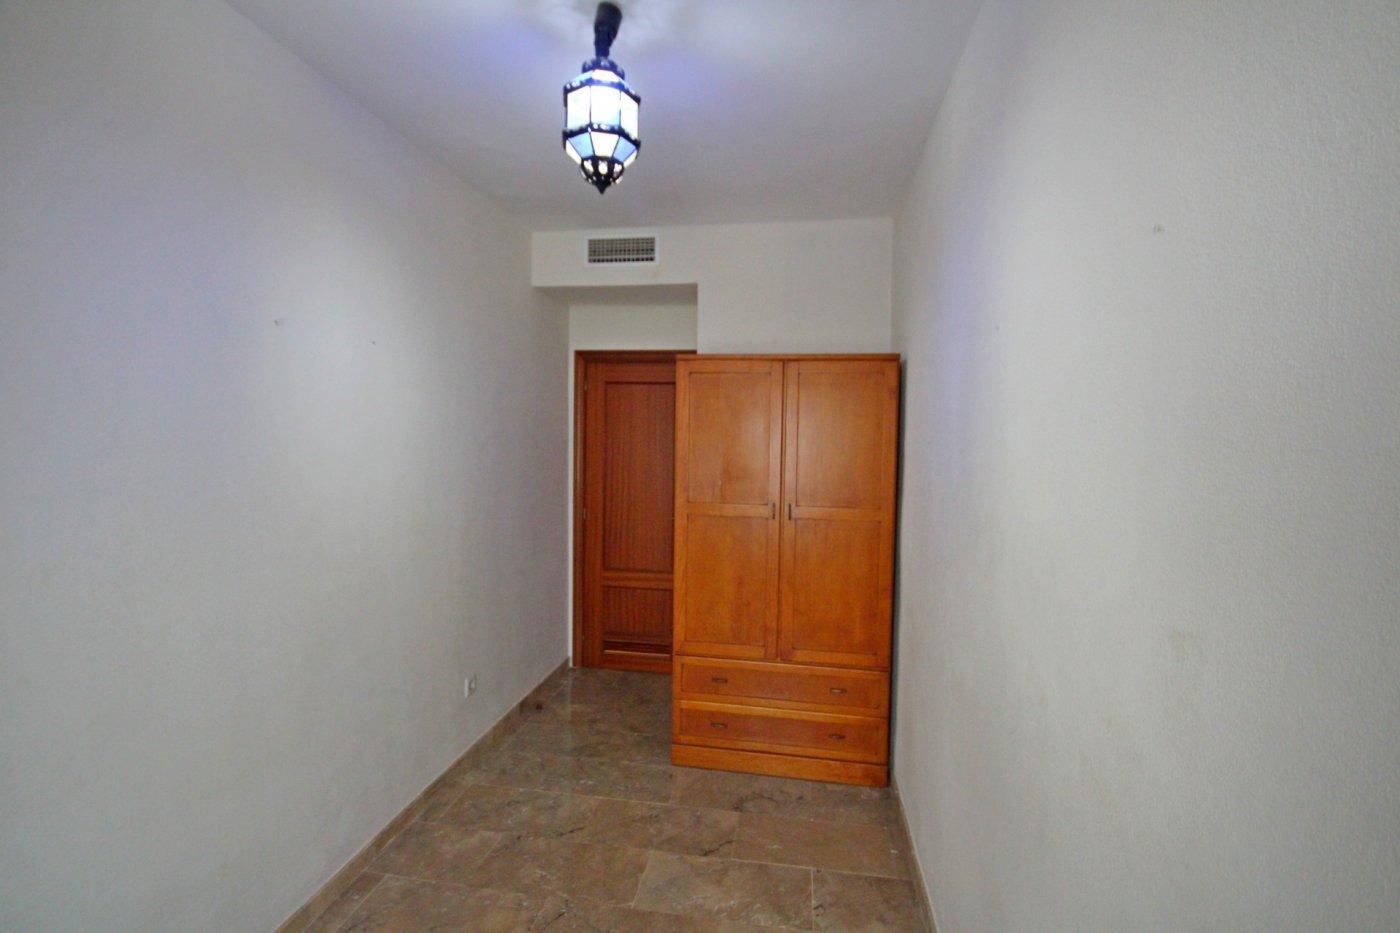 Piso dos dormitorios con garaje a un paso del centro histórico - imagenInmueble10